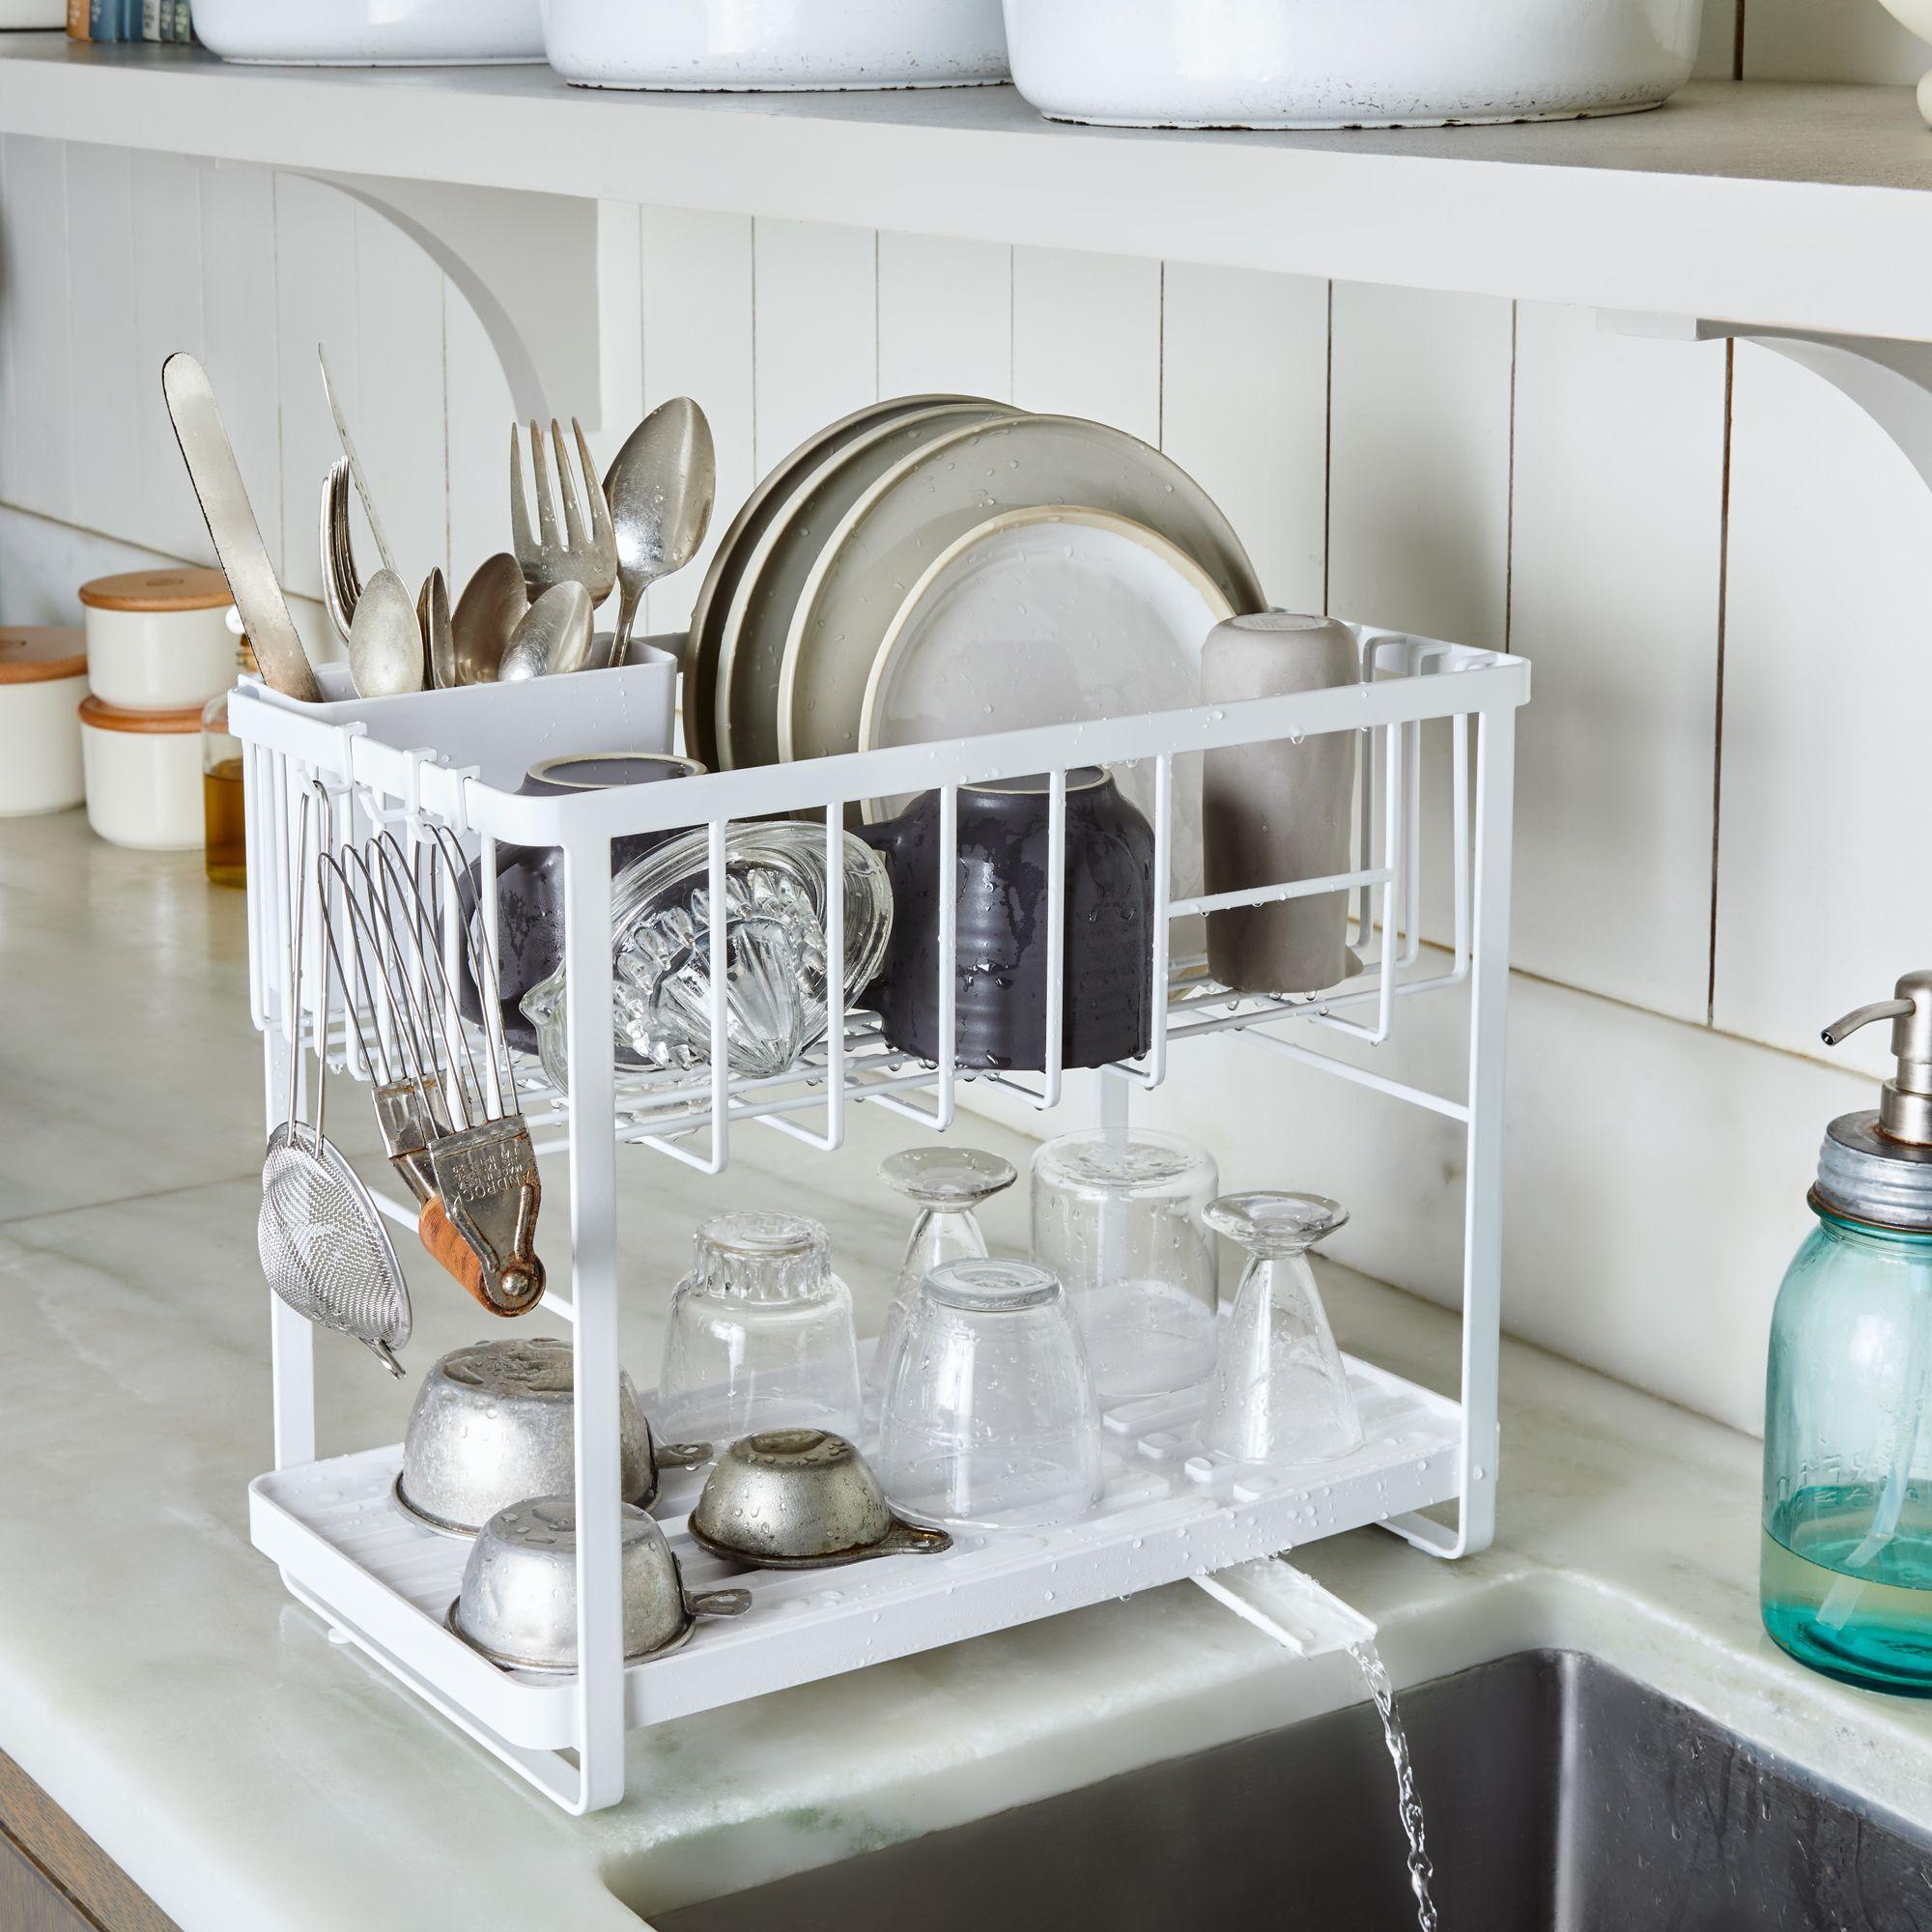 mess around your kitchen sink